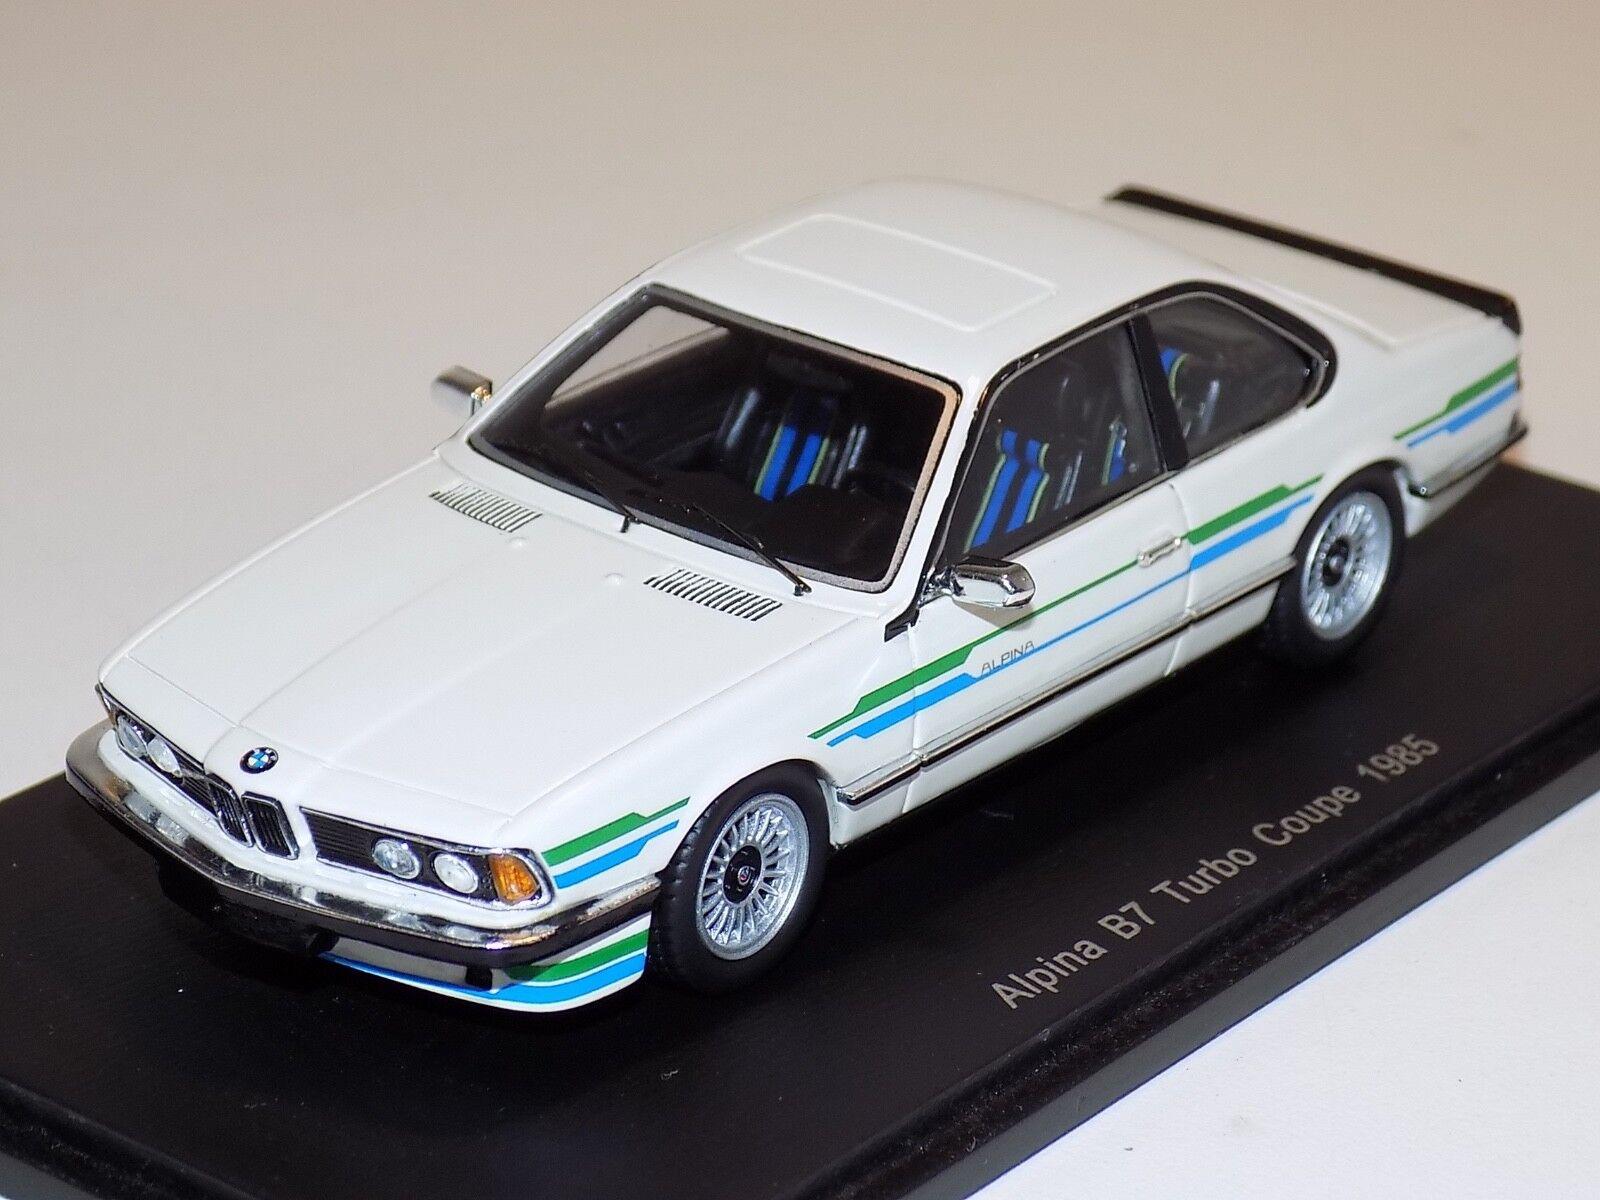 compra meglio 1 43 Spark Street 1985 BMW Alpina B7 B7 B7 Turbo Coupe in bianca S0742  qualità di prima classe